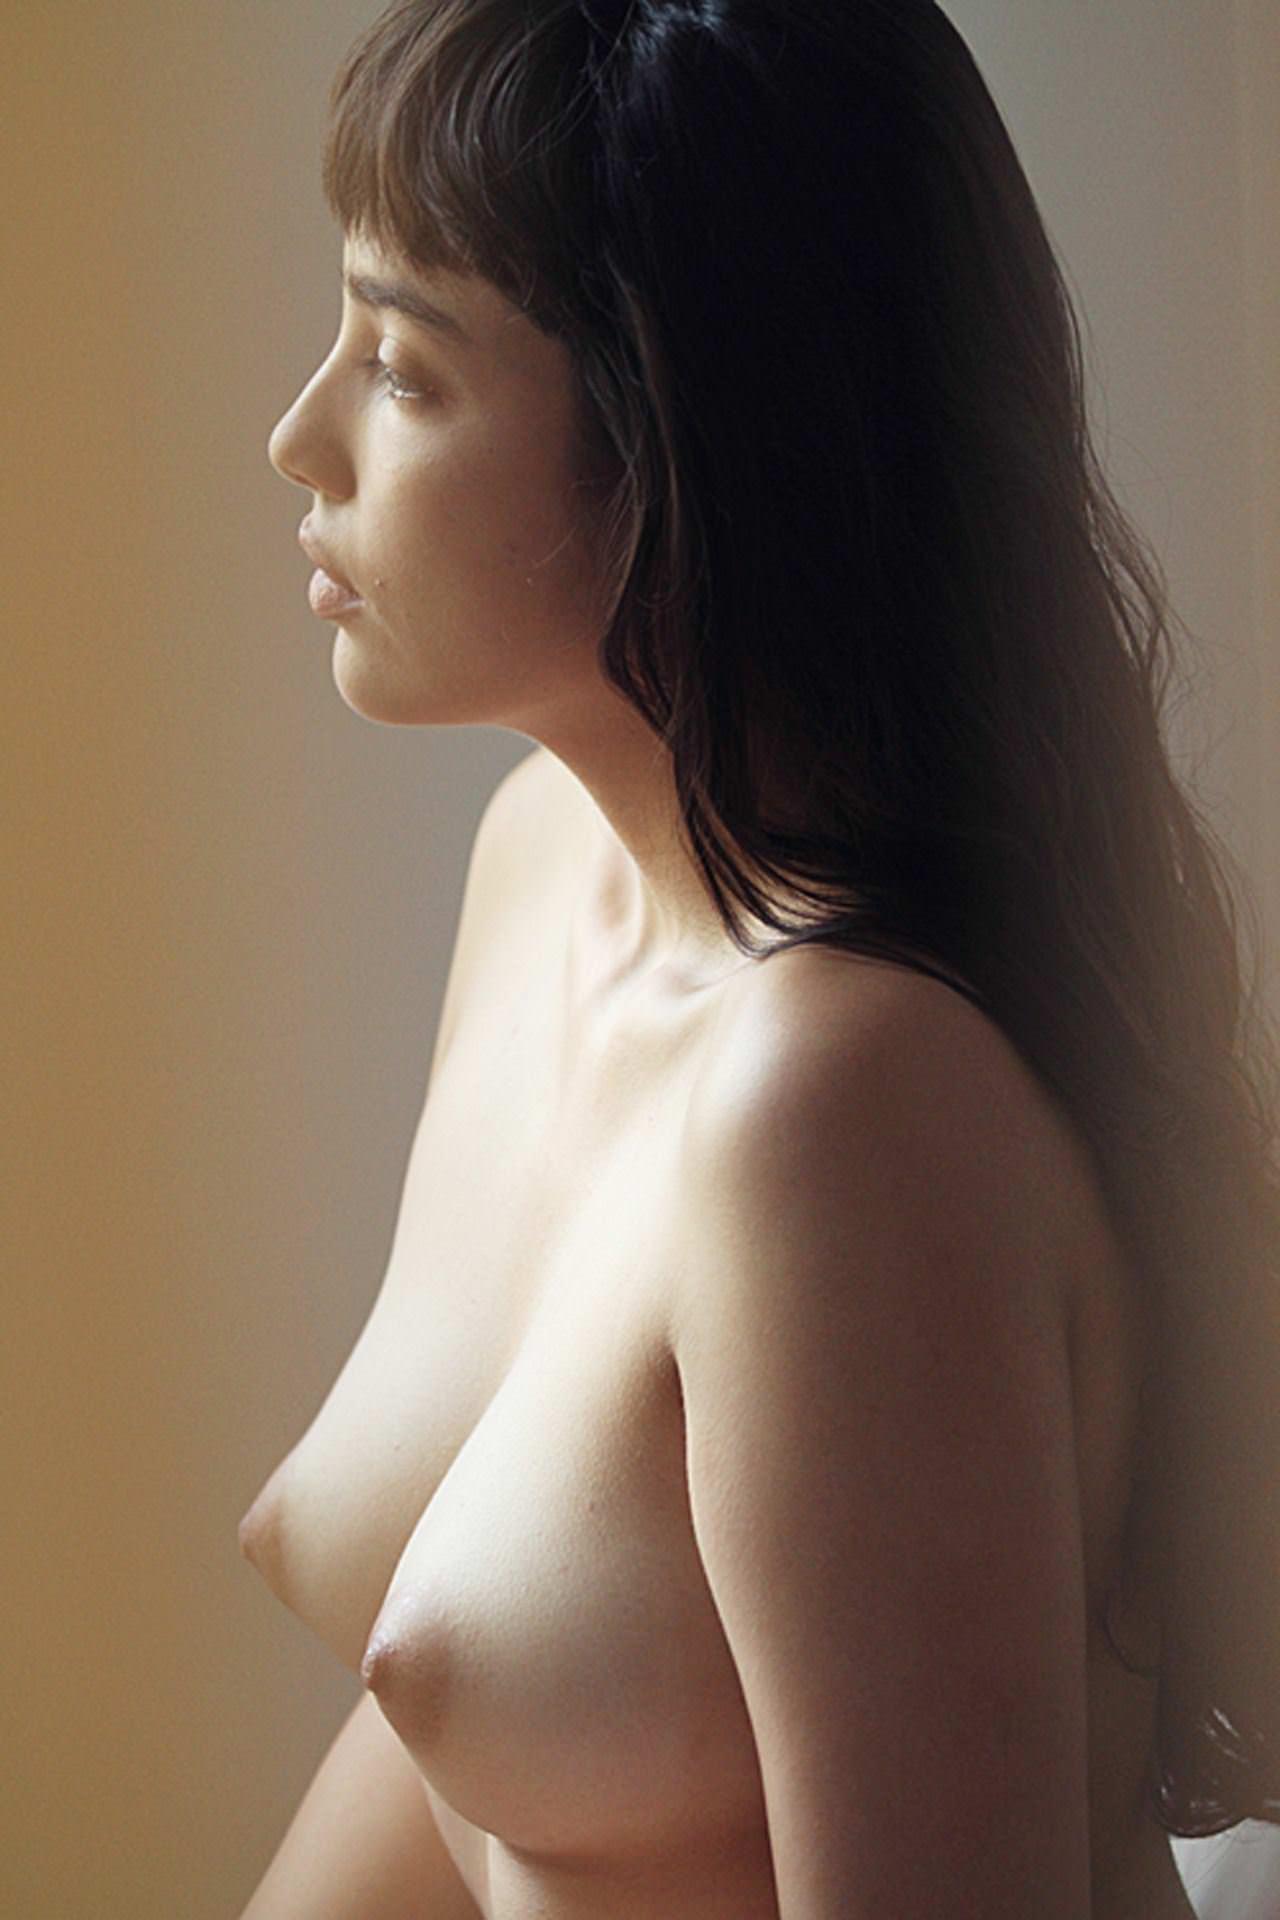 【外人】人気写真家ジョー·ウェナーの隠し撮り系アートのポルノ画像 15201